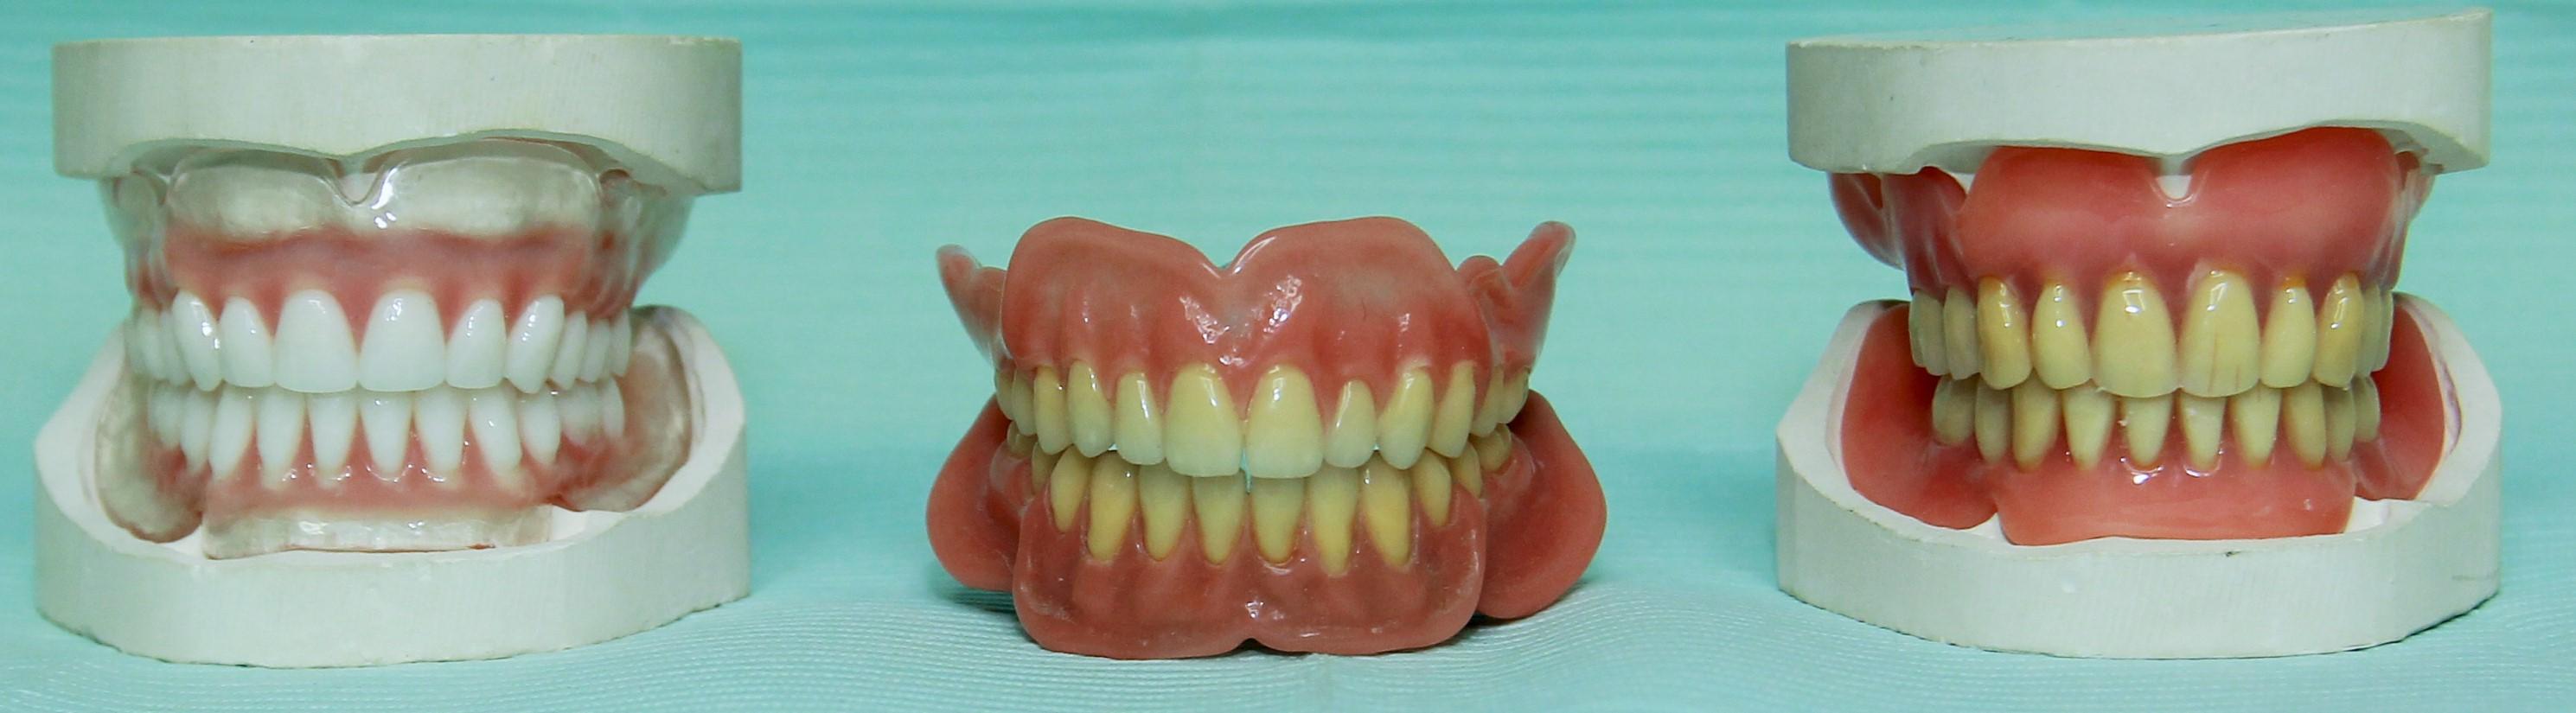 Tandprothetische Praktijk Waars uw prothese specialist